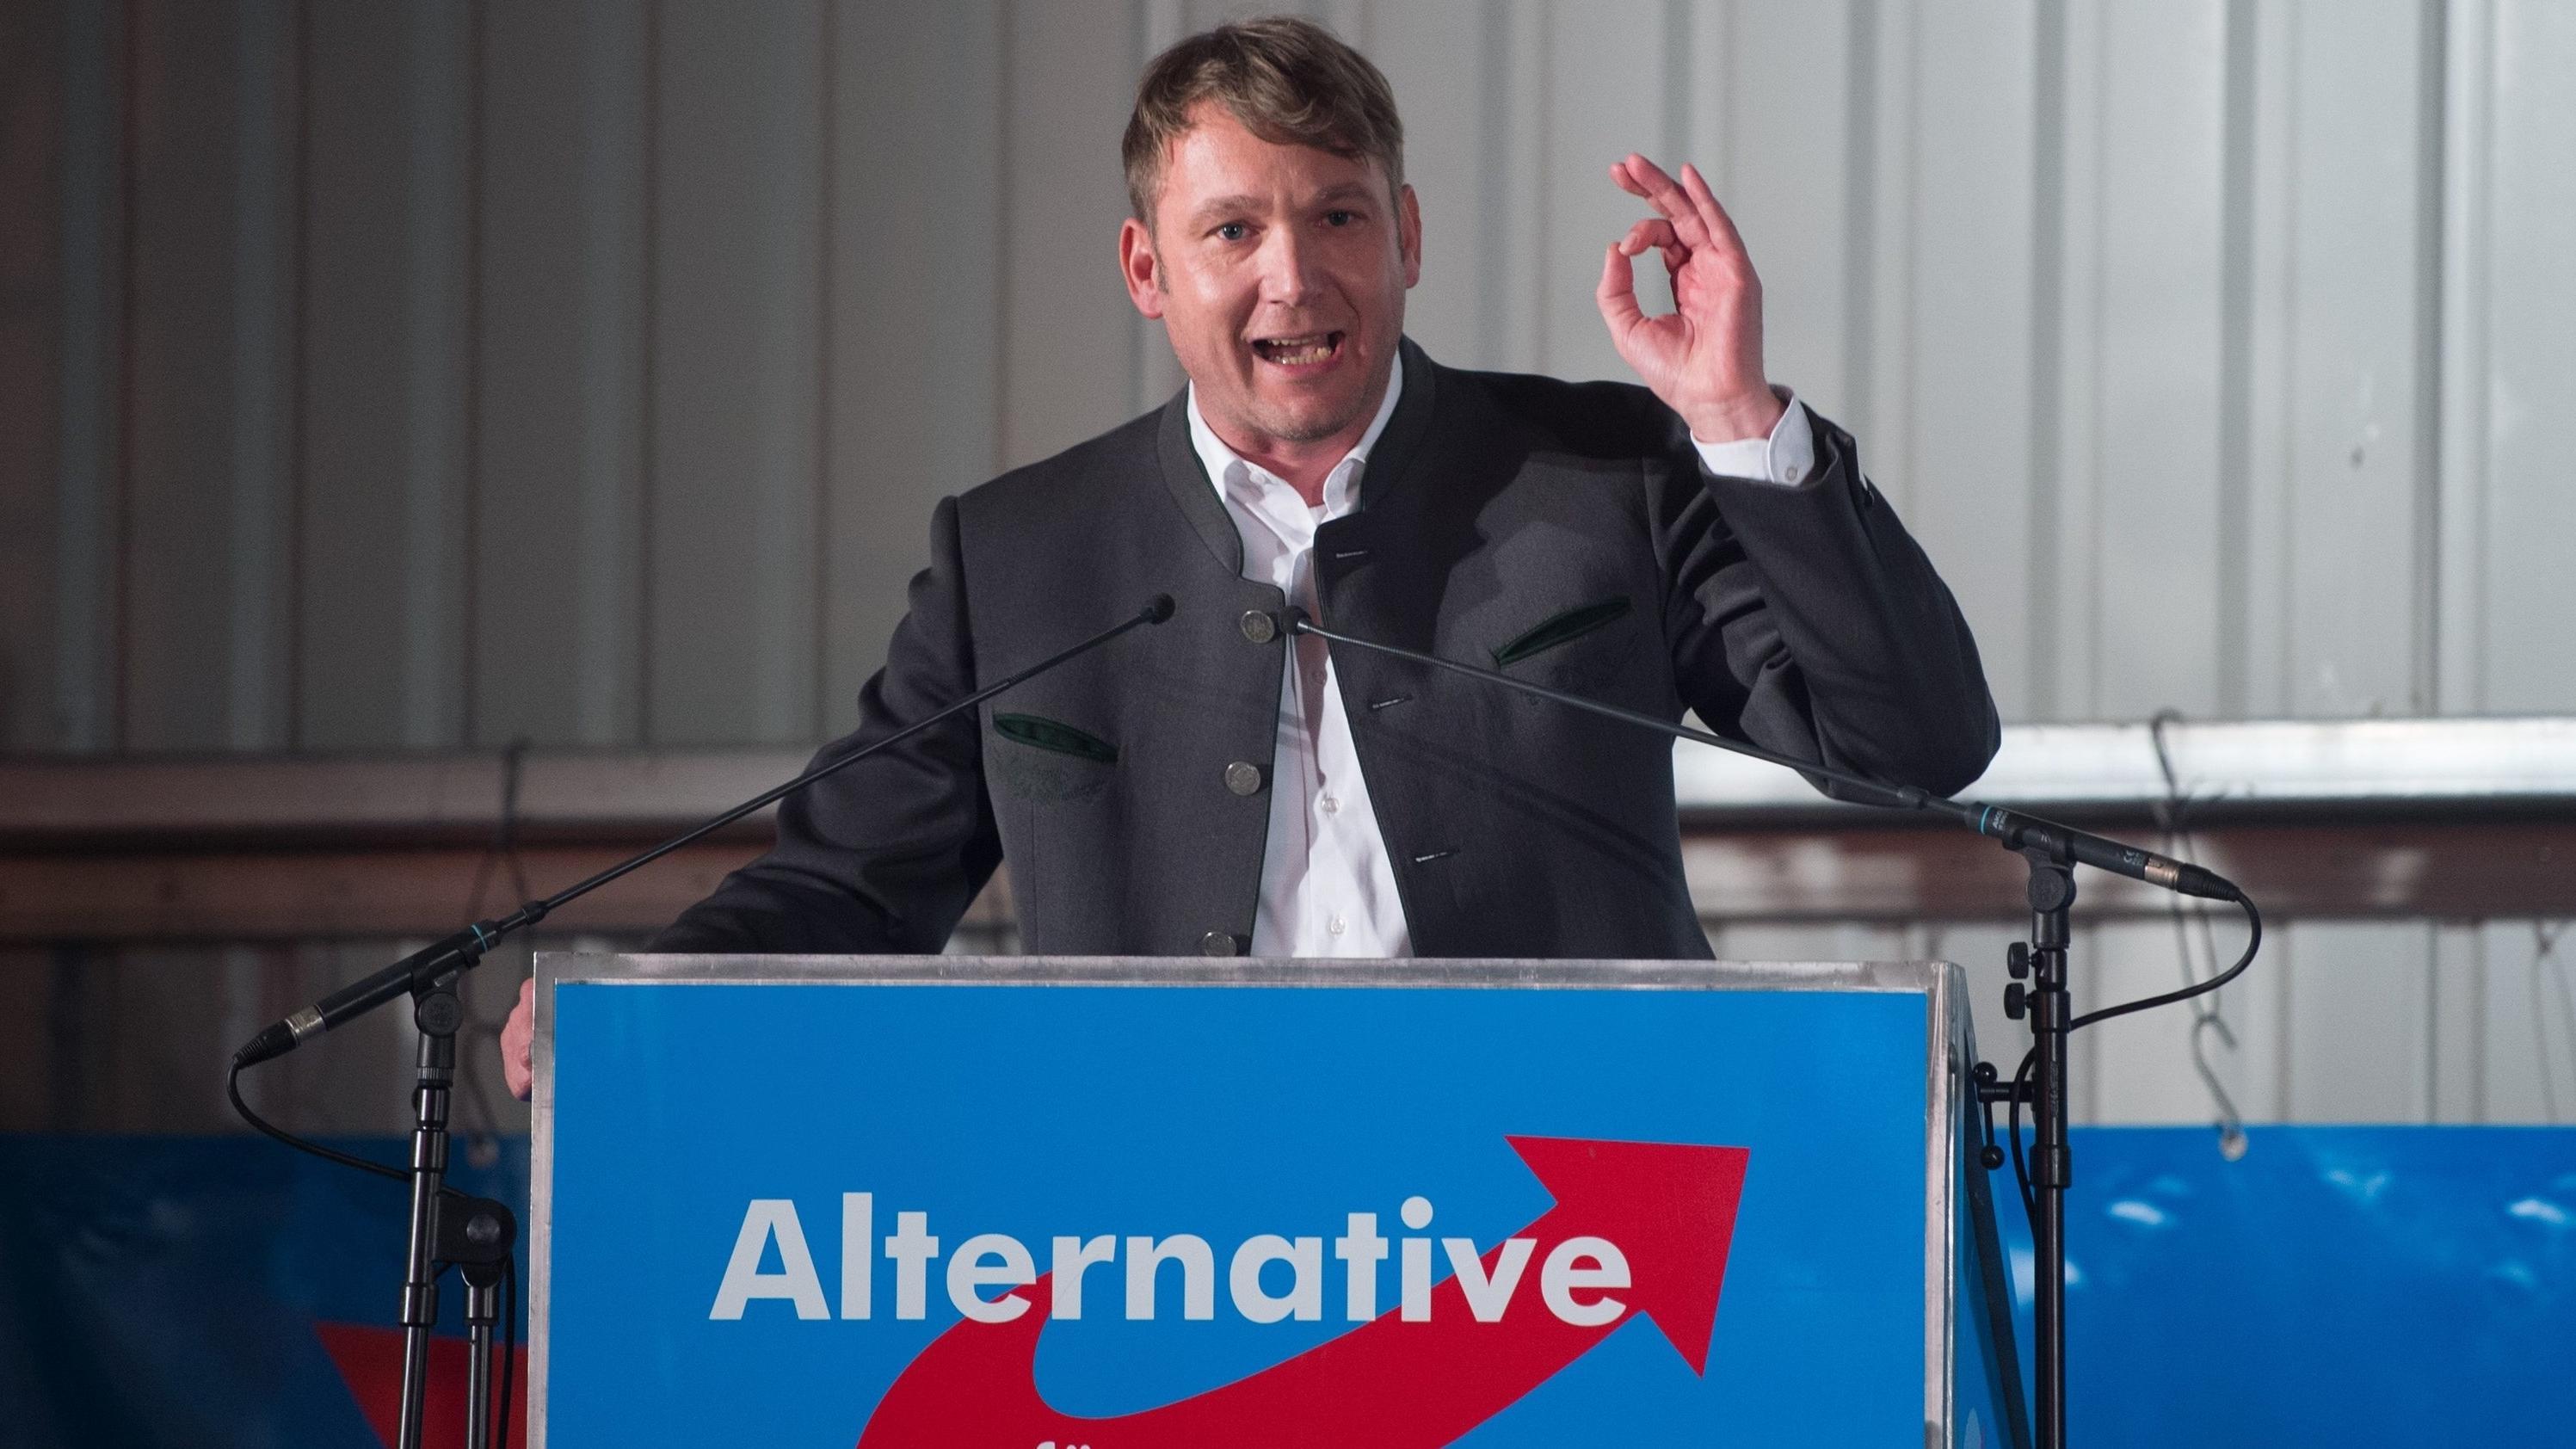 André Poggenburg, damaliger Vorsitzender der AfD in Sachsen-Anhalt, spricht auf dem politischen Aschermittwoch der sächsischen AfD.